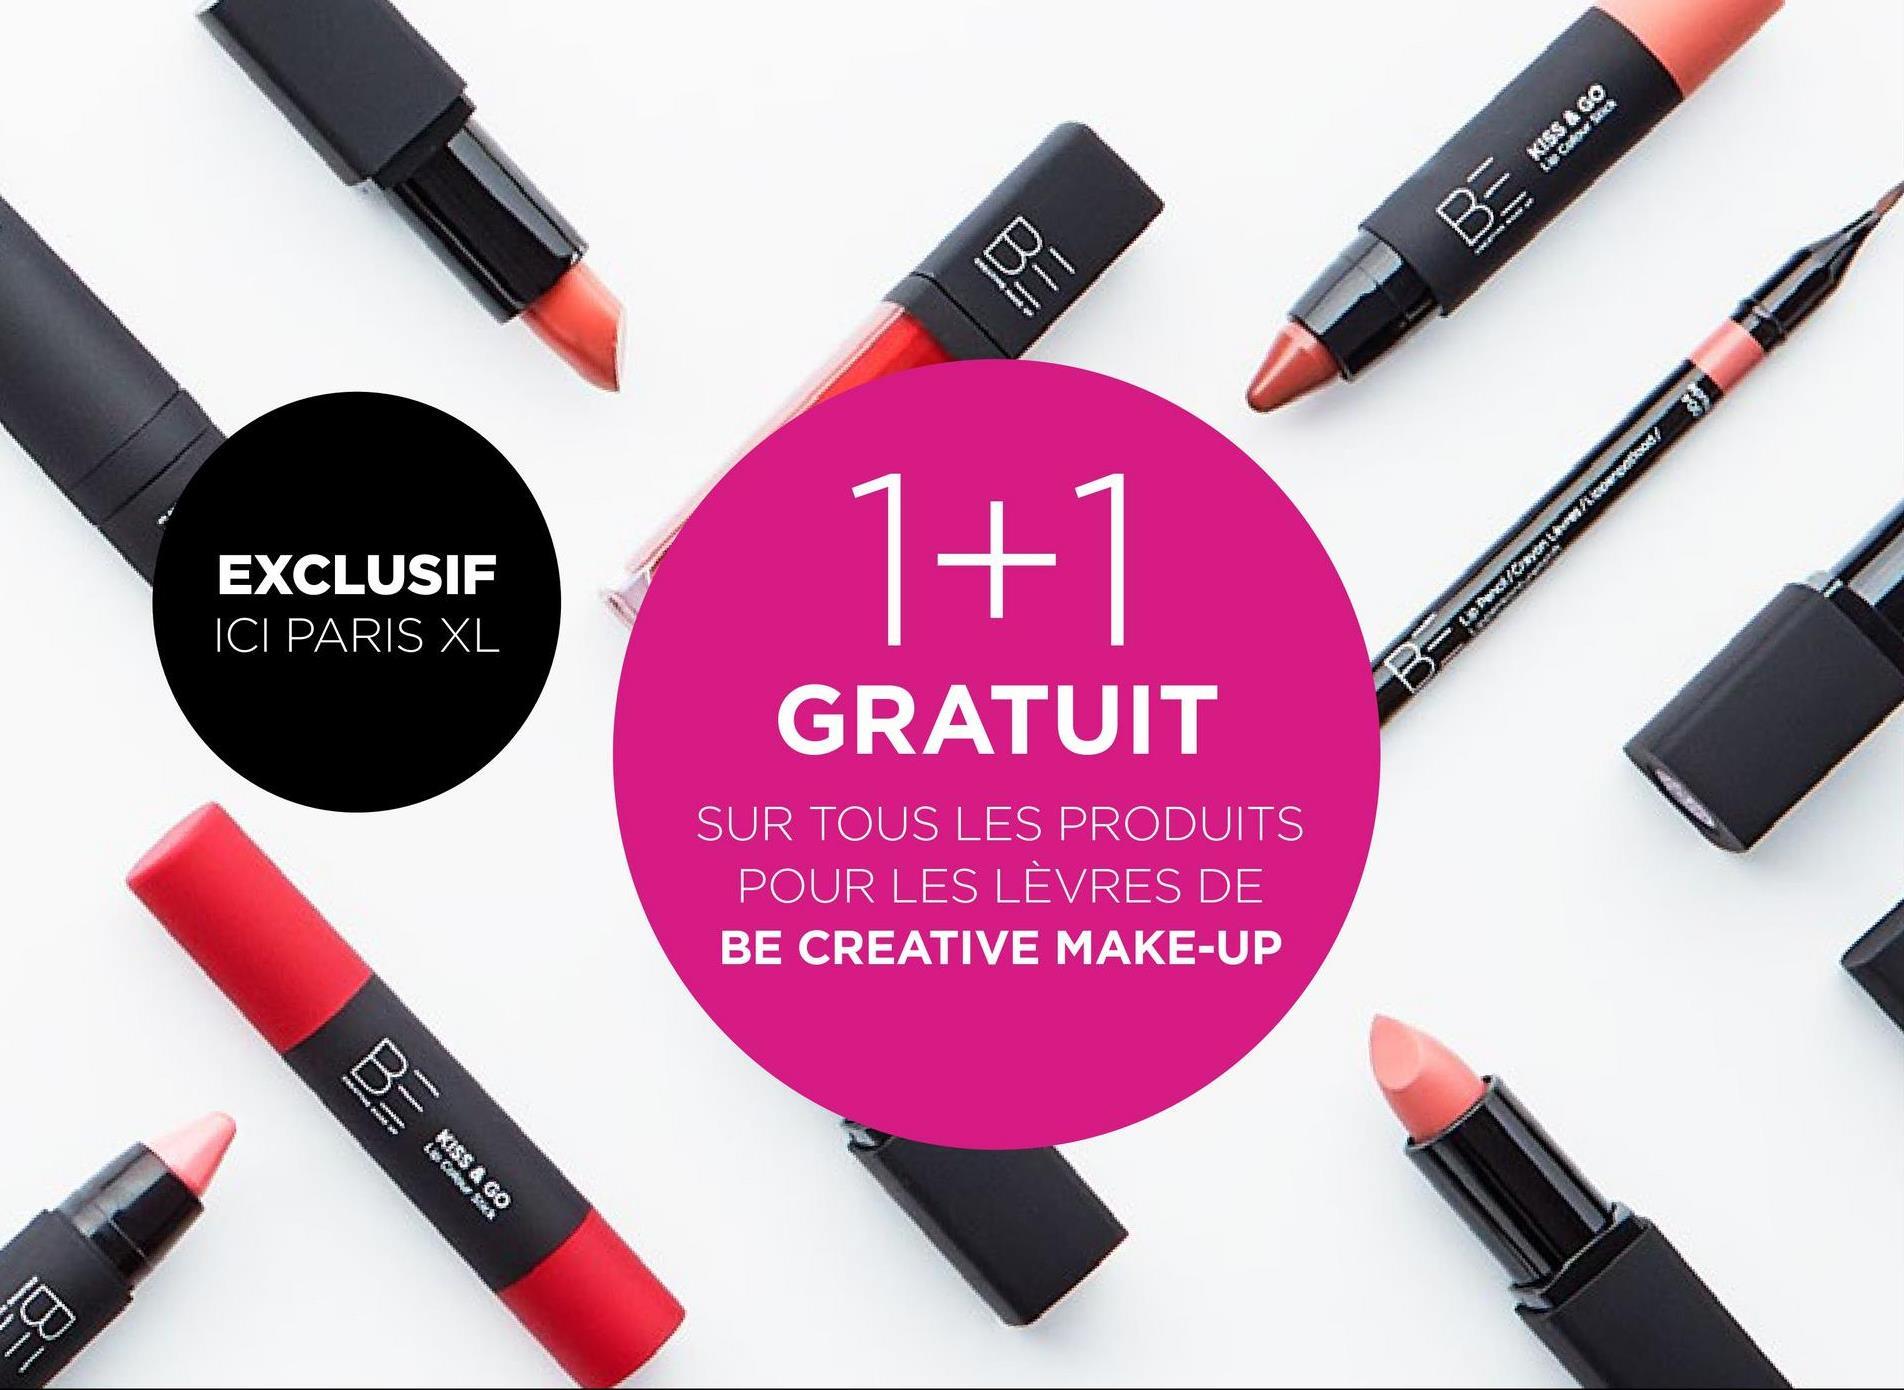 II Kiss & Co B U EXCLUSIF 'ICI PARIS XL 1+1 GRATUIT SUR TOUS LES PRODUITS POUR LES LÈVRES DE BE CREATIVE MAKE-UP Banessa